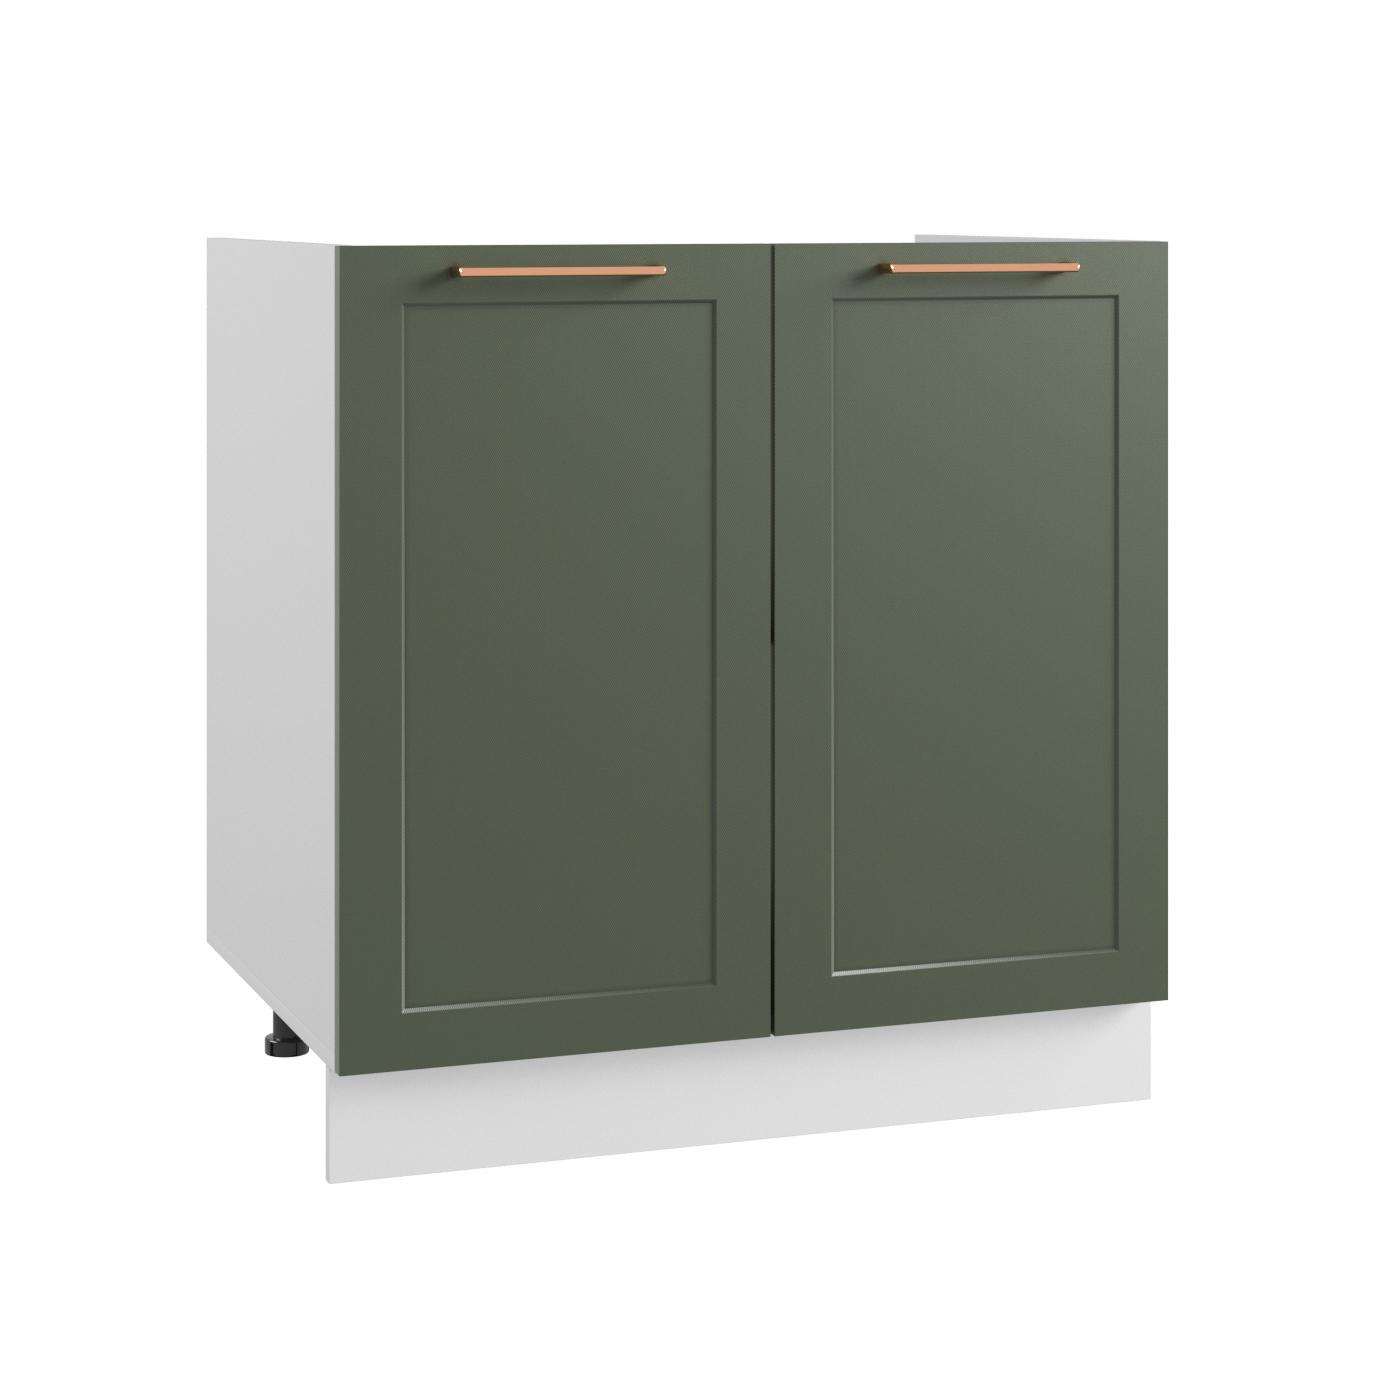 Кухня Квадро СМ 800 Шкаф нижний под мойку